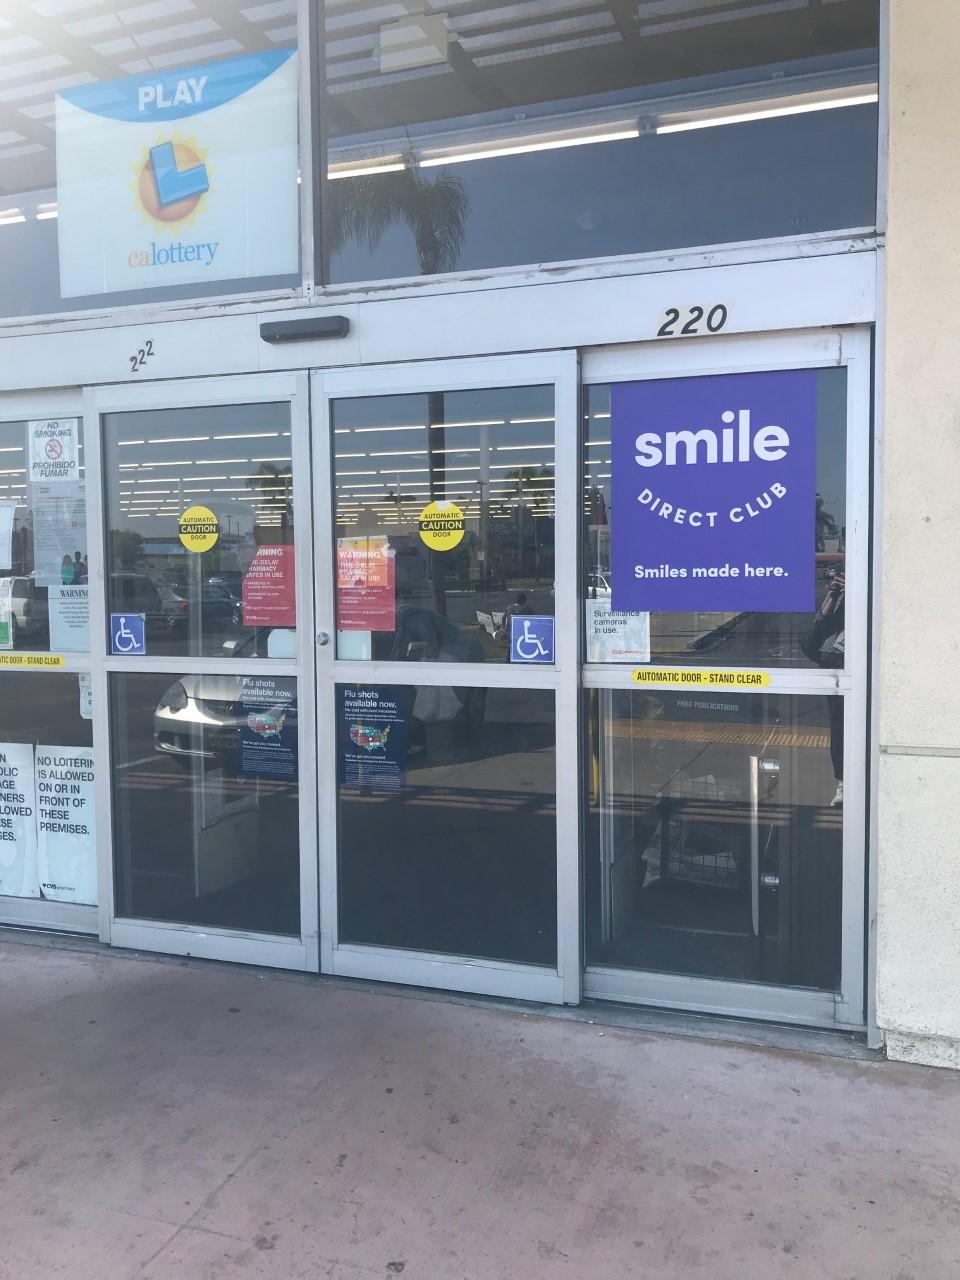 Smile Direct Club inside CVS image 1